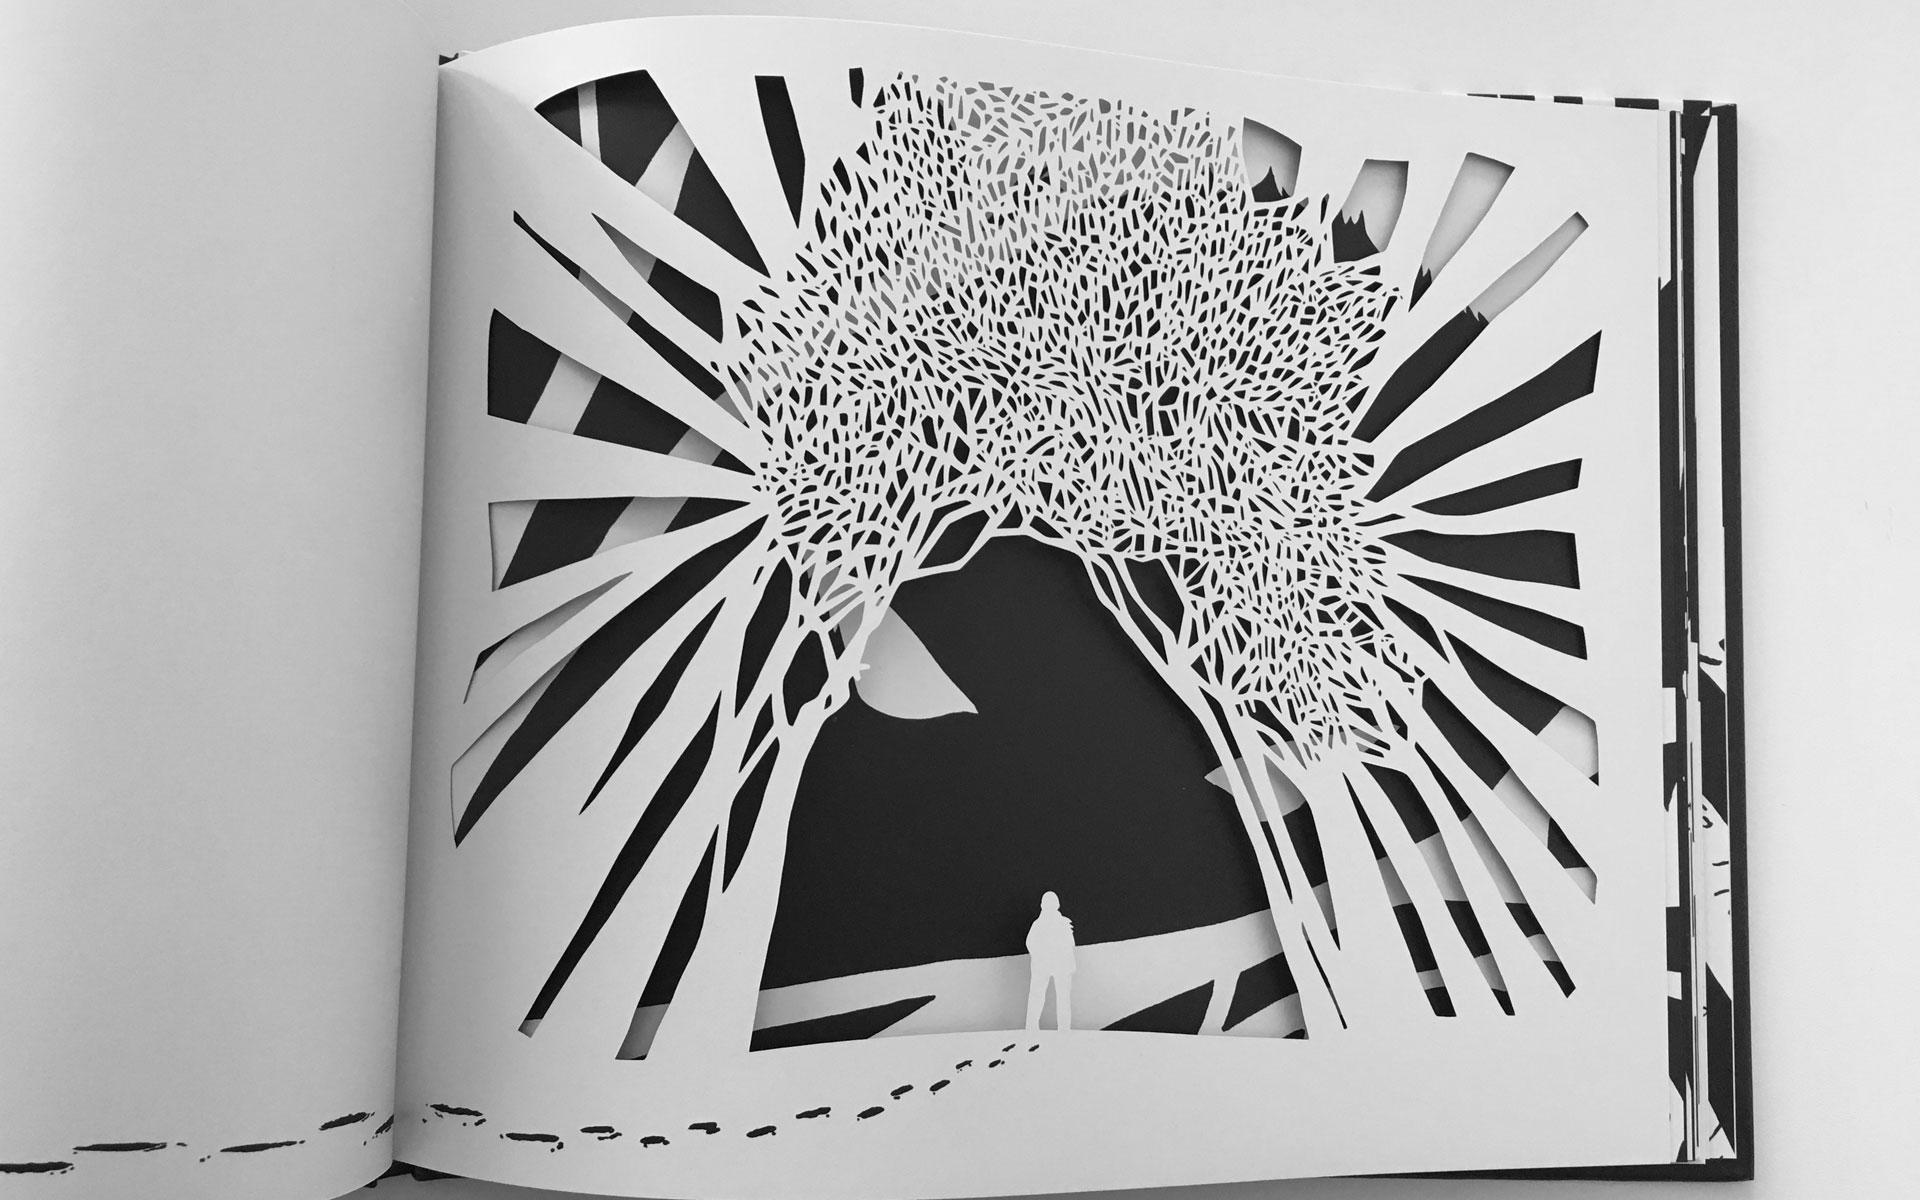 Rubrica albo illustrato Loup Noir